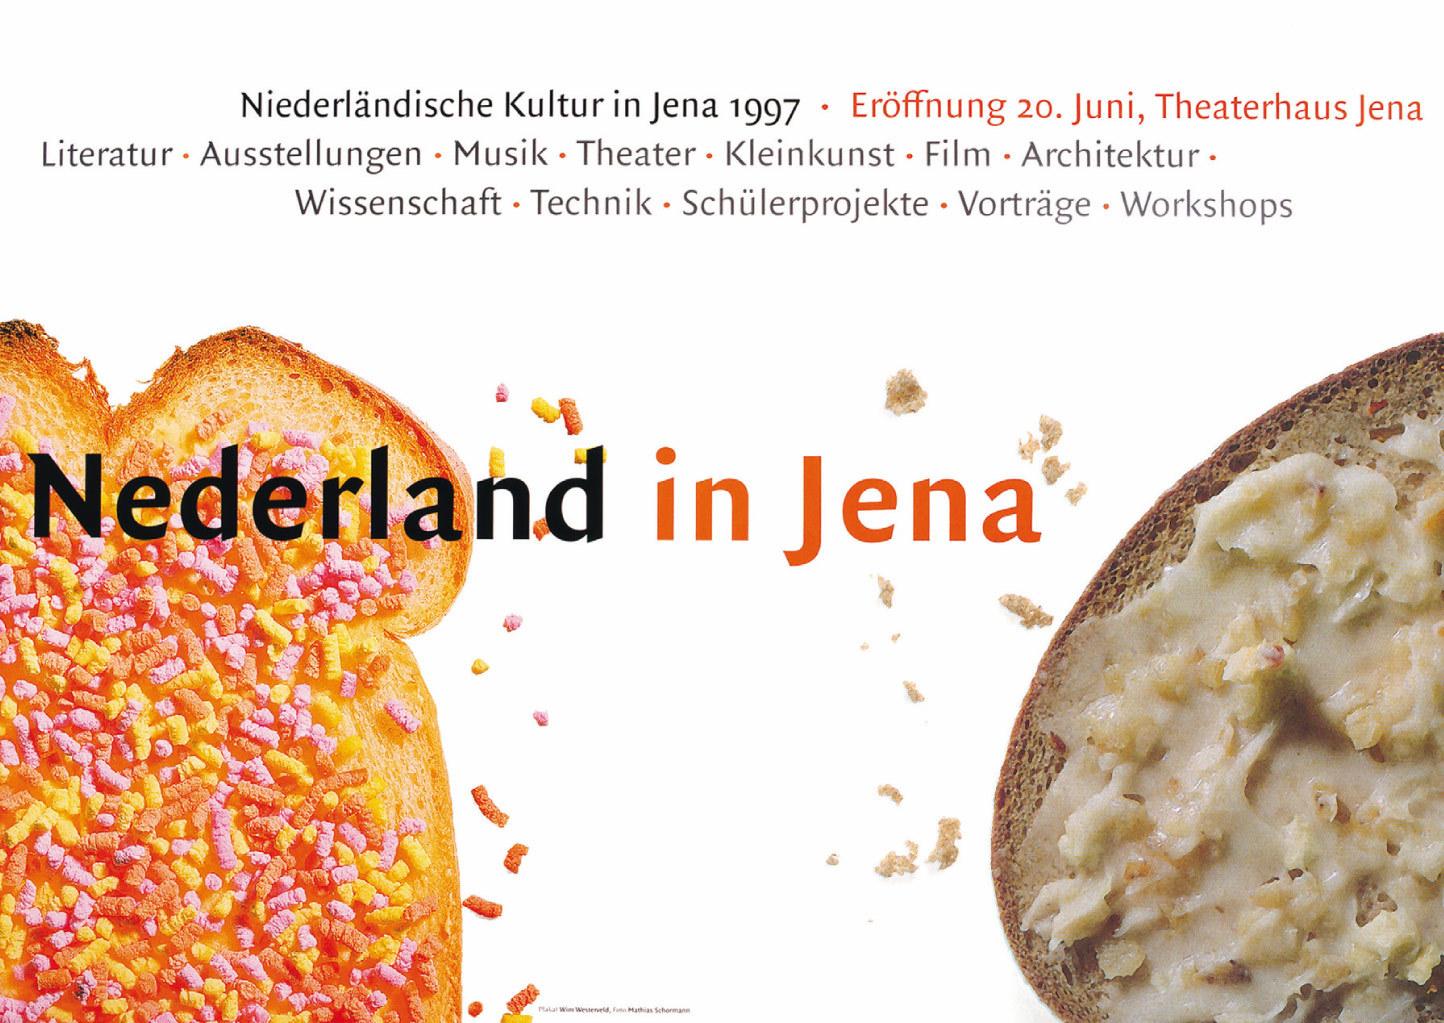 FF_Quadraat_Sans-Poster_Nederland_in_Jena-MwFF